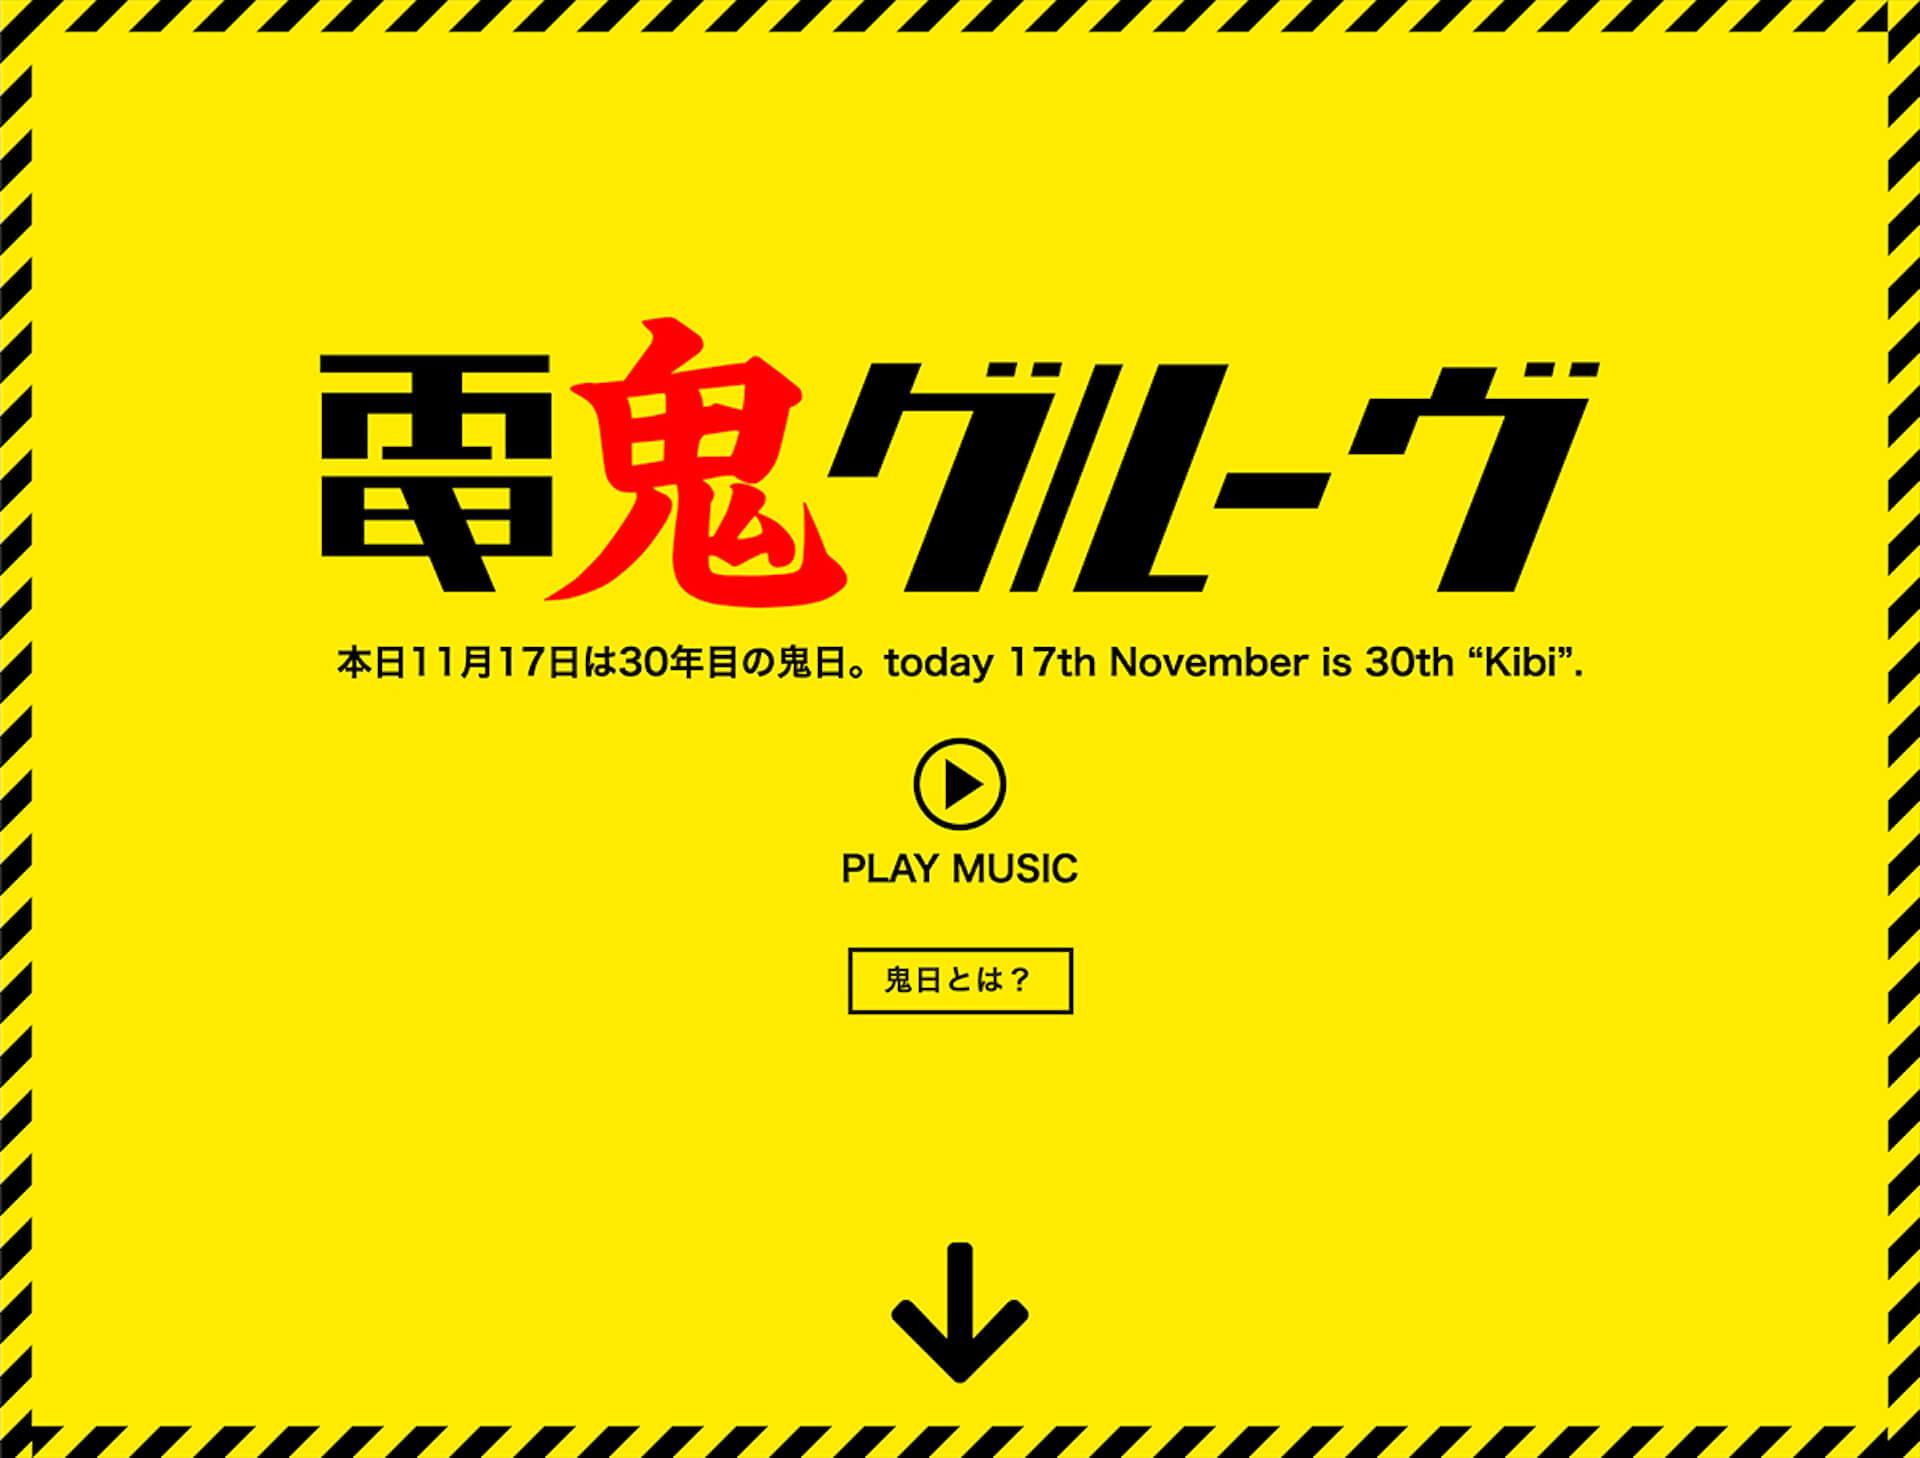 電グルからサプライズメッセージ!本日11月17日、電気グルーヴの記念日「鬼日」30周年でオフィシャルHPが更新 music191117-denkigroove-kibi